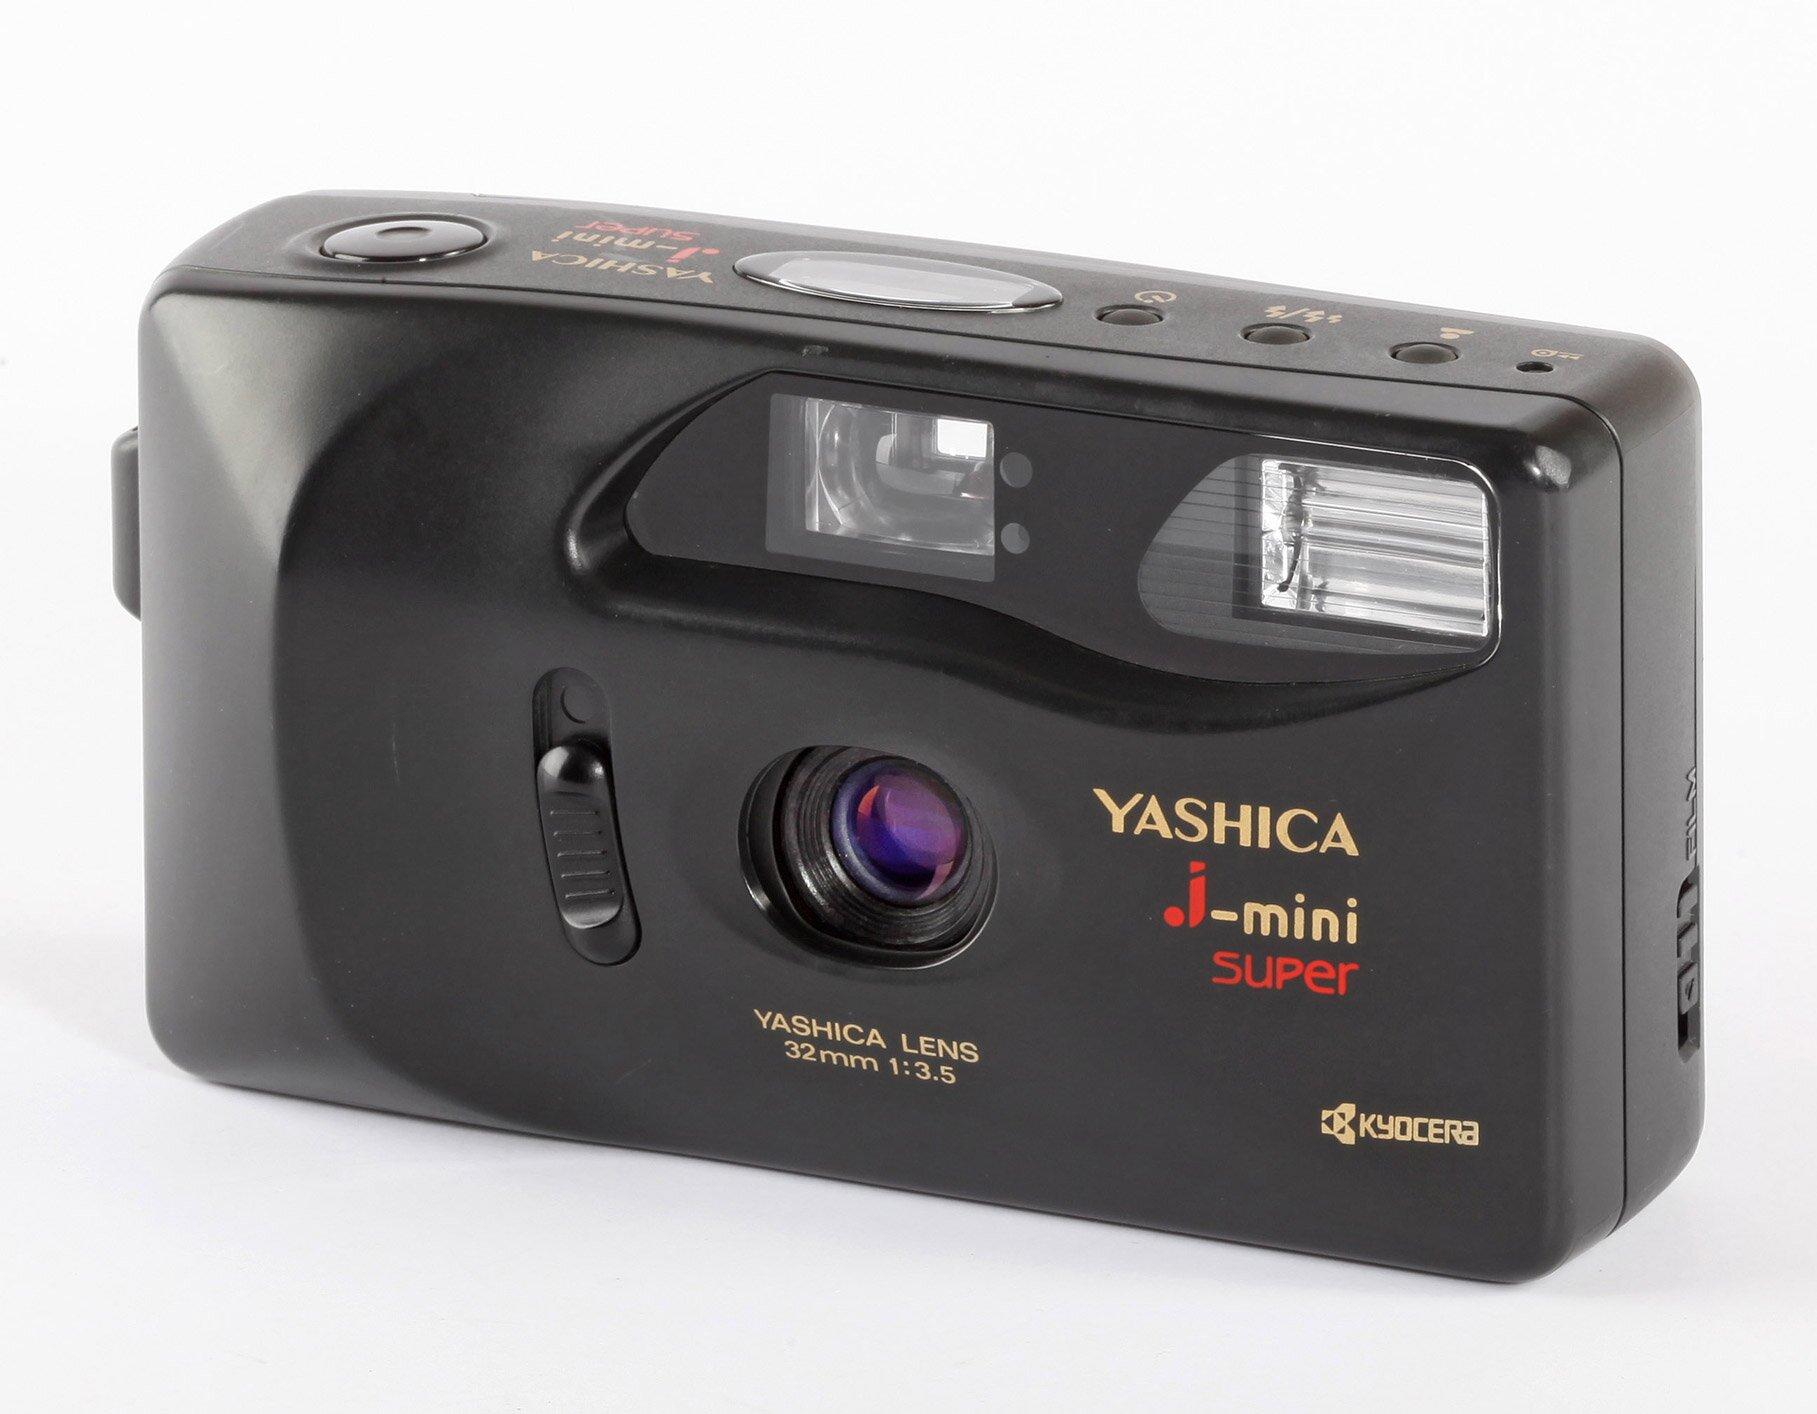 Yashica j-mini super Kompakt Kamera